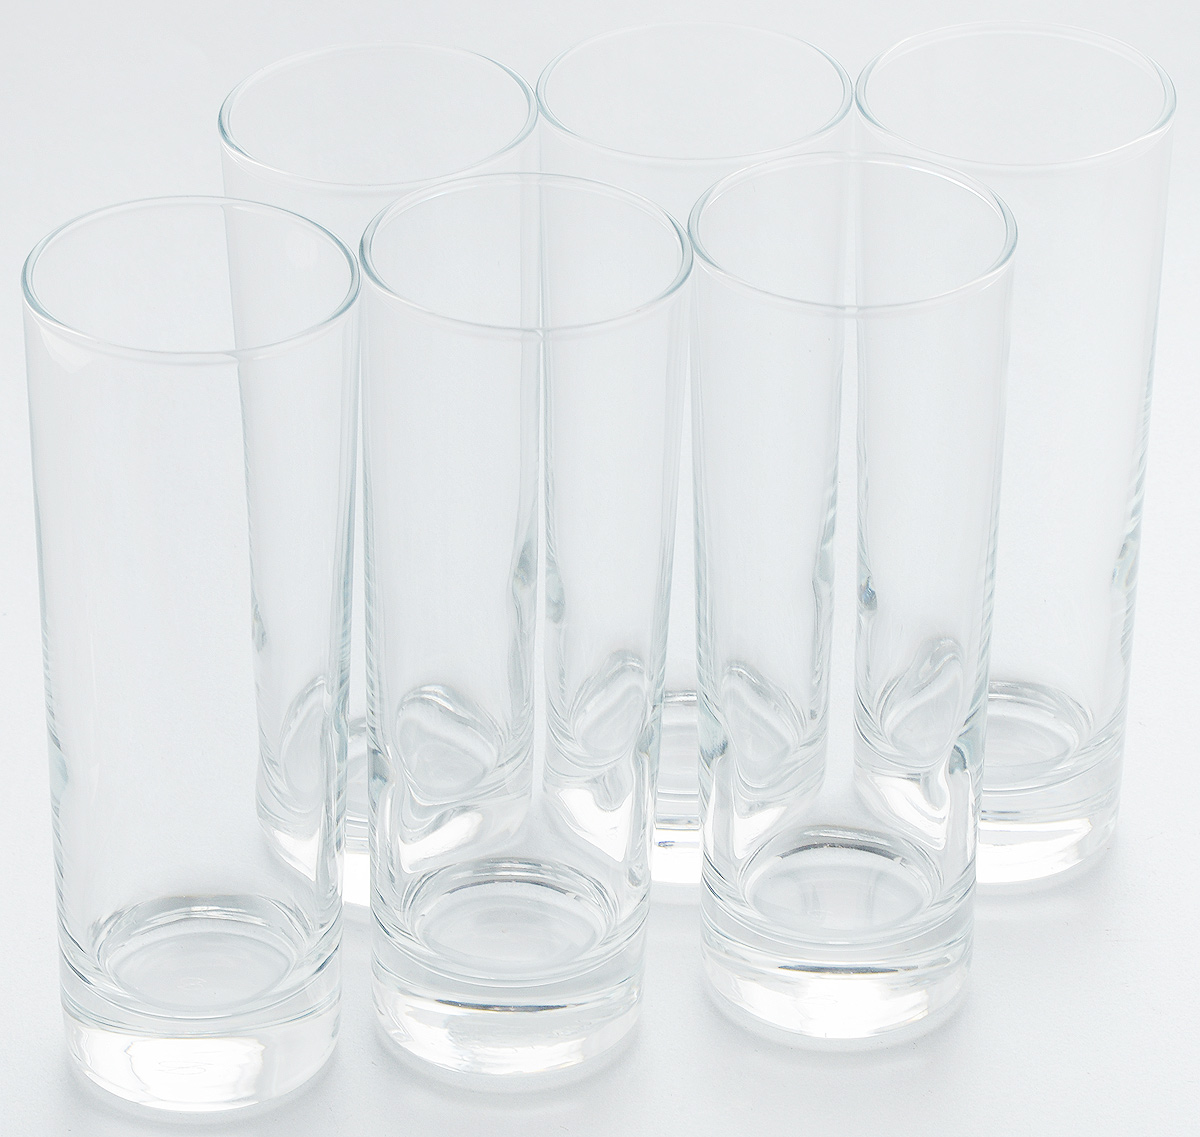 Набор стаканов Pasabahce Side, 290 мл, 6 шт. 42469B набор подсвечников pasabahce алания высота 5 5 см 6 шт